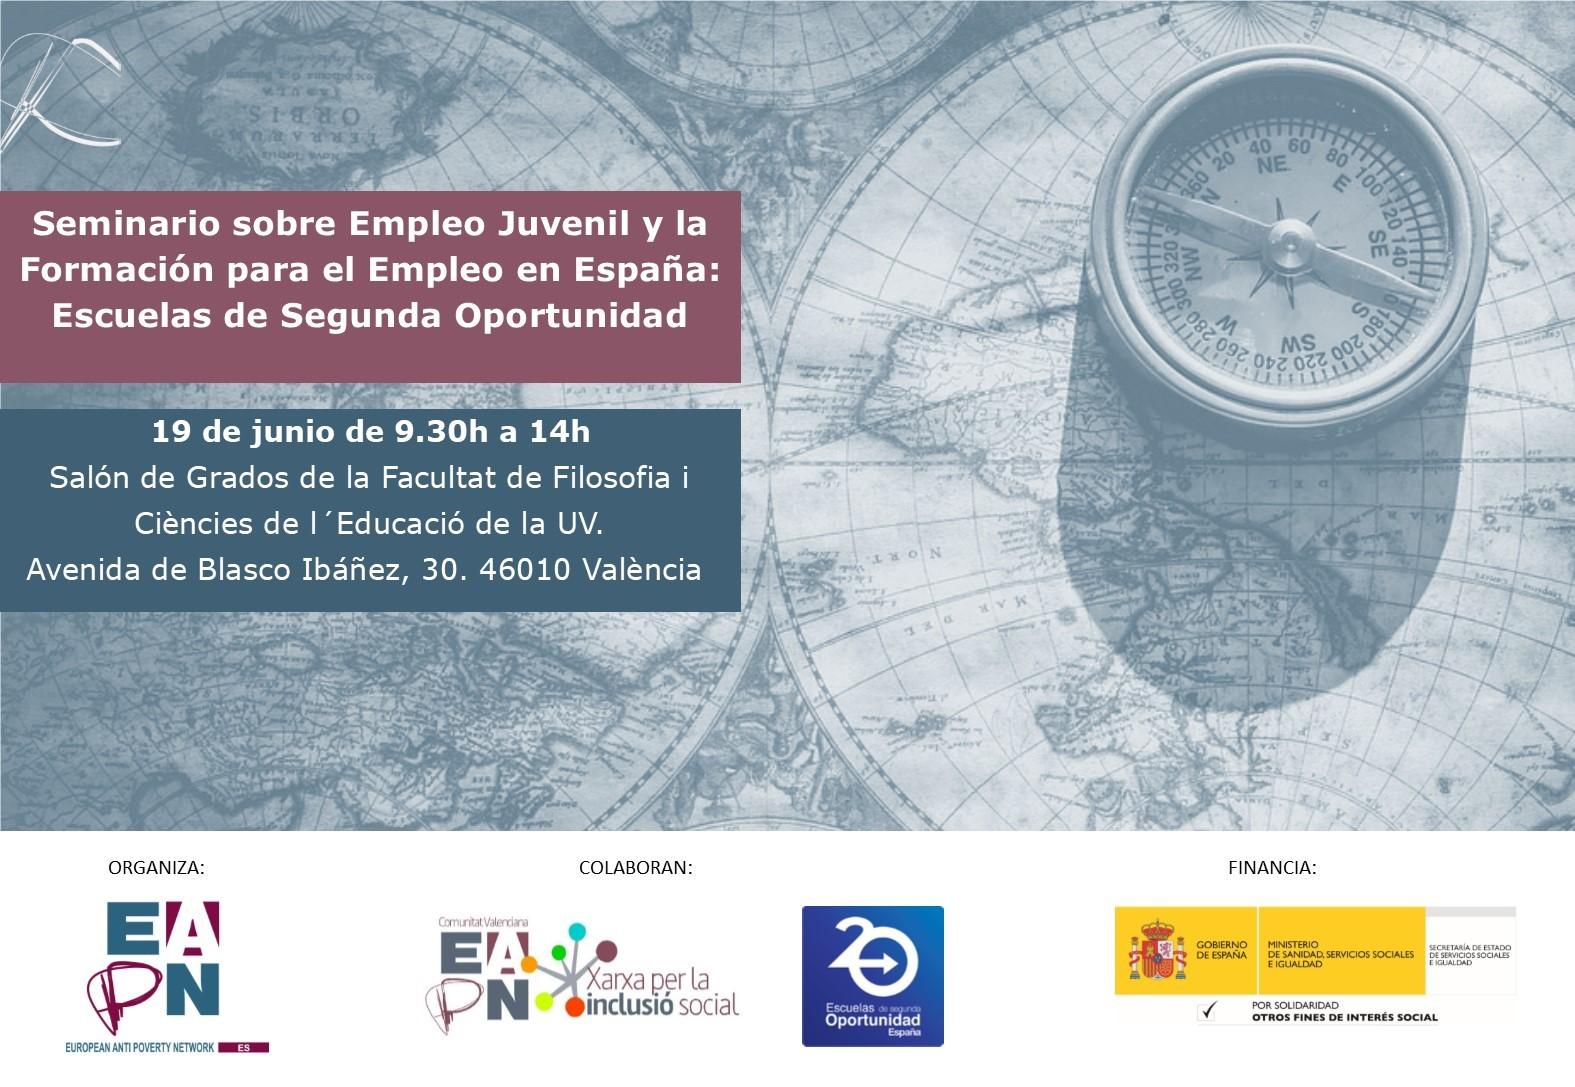 Seminario sobre Empleo Juvenil y la Formación para el Empleo en España: Escuelas de Segunda Oportunidad @ Universitat de Valencia | València | Comunidad Valenciana | España